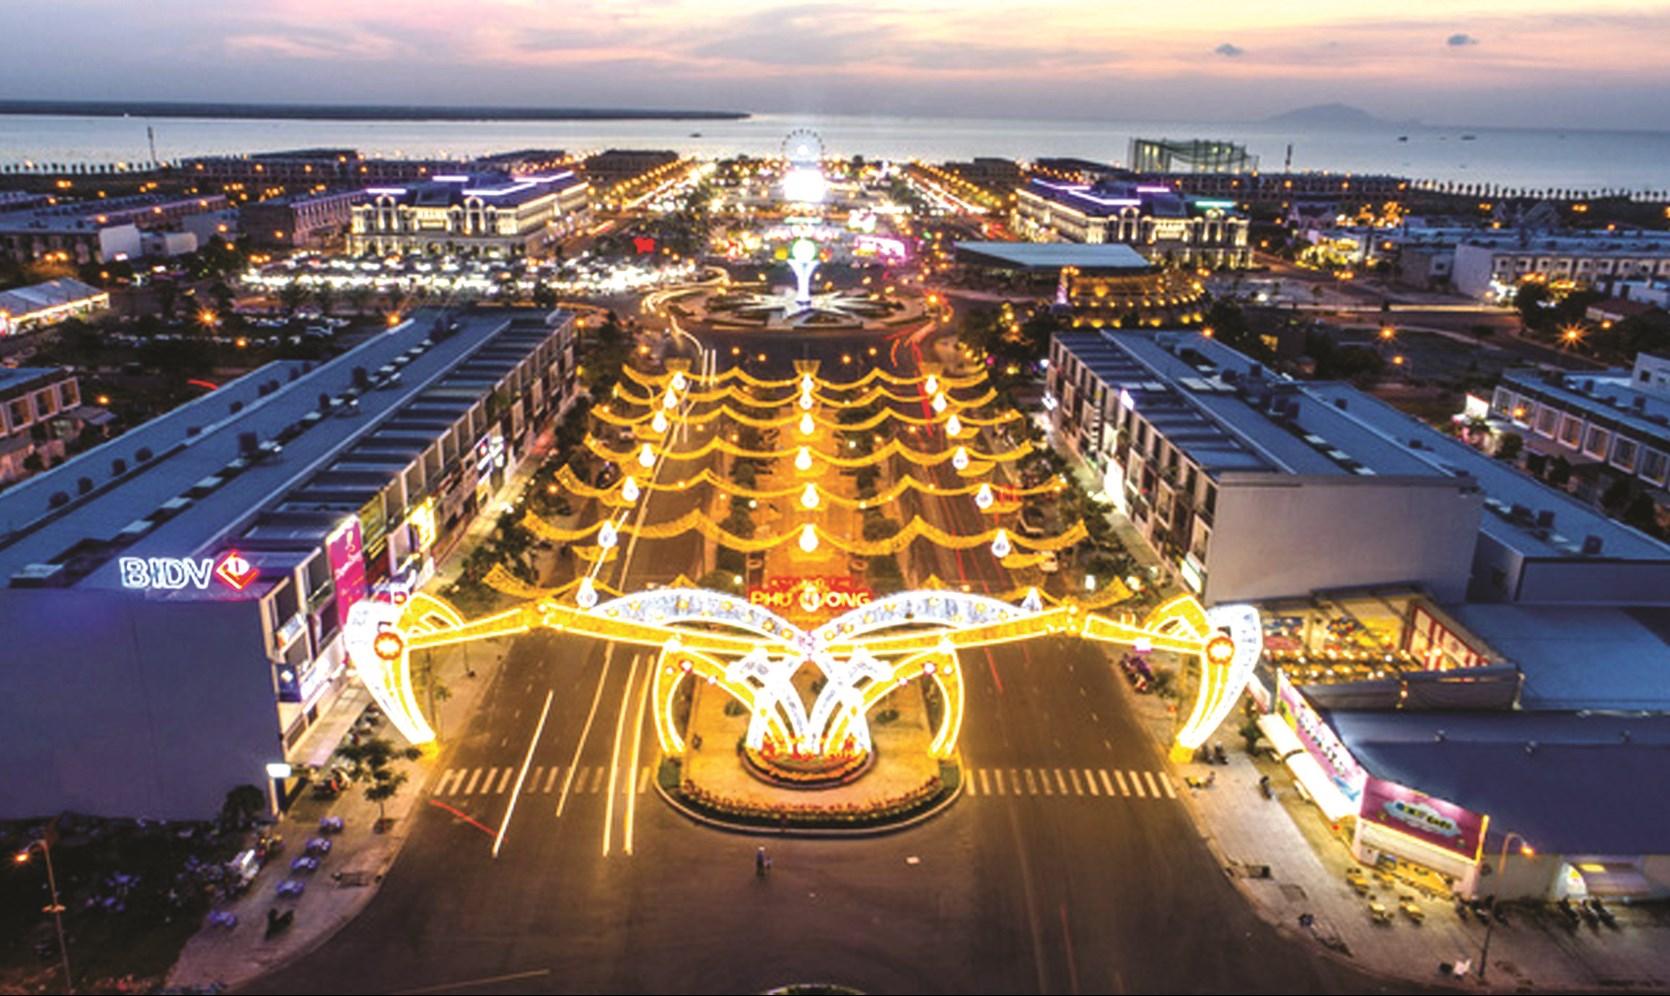 Khu đô thị Phú Cường, TP. Rạch Giá tạo nên một diện mạo mới cho khu đô thị lấn biển ở Kiên Giang.